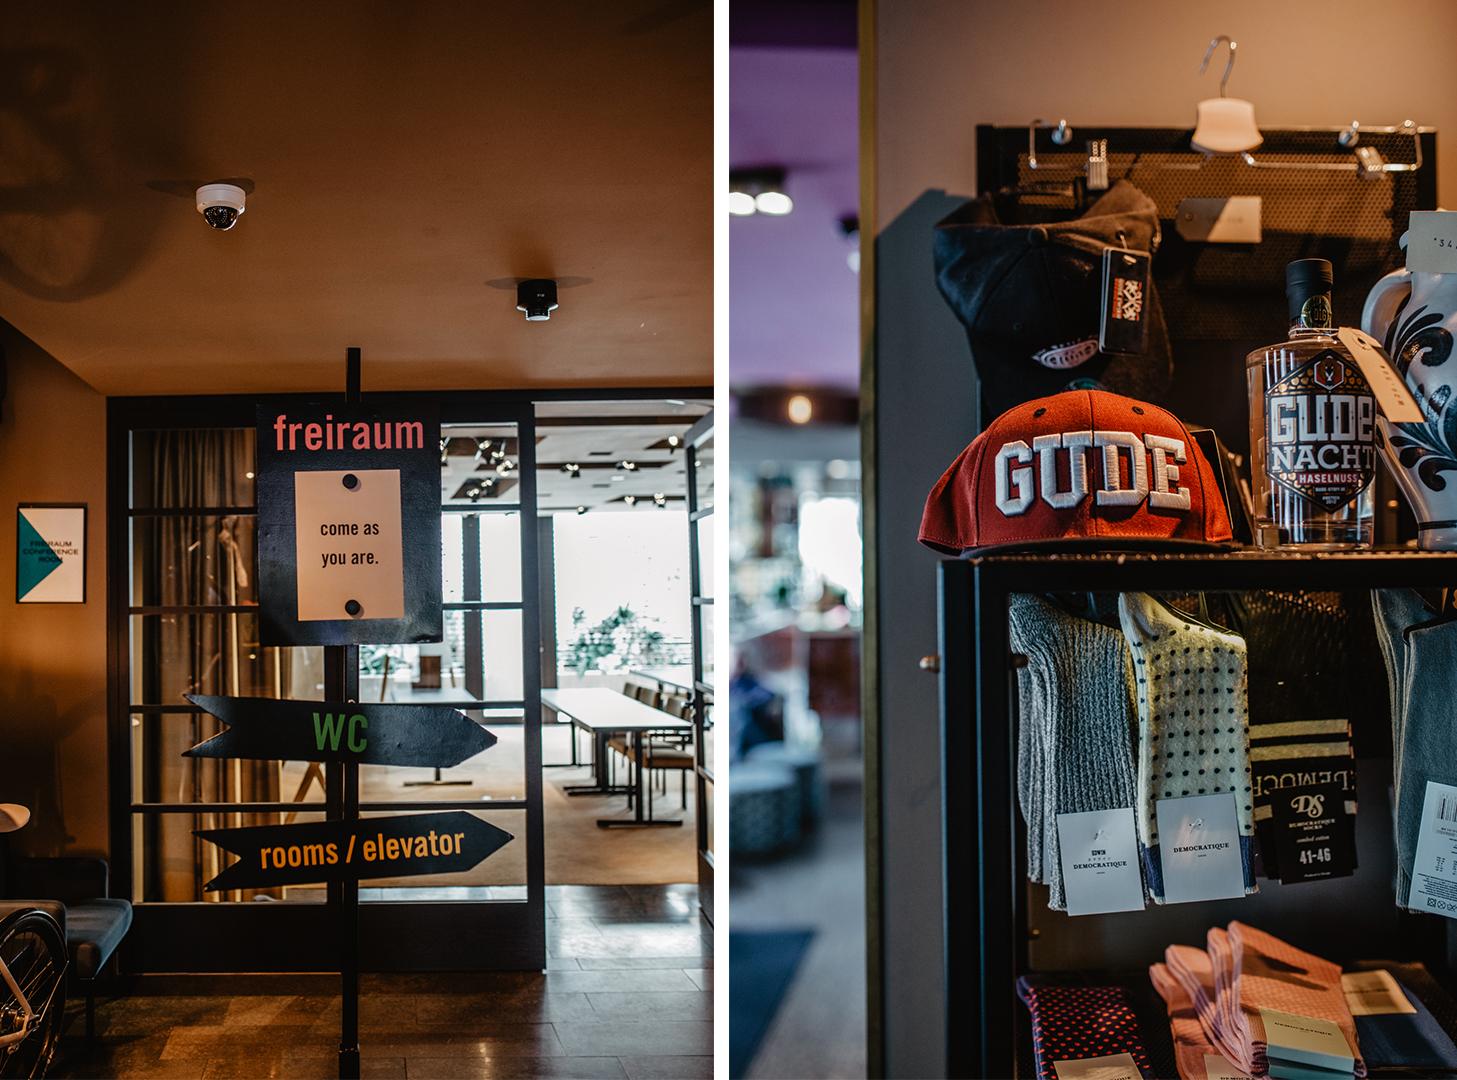 25hours The Goldman Frankfurt Ostend_Review_Erfahrung_Lage_Bewertung-final1